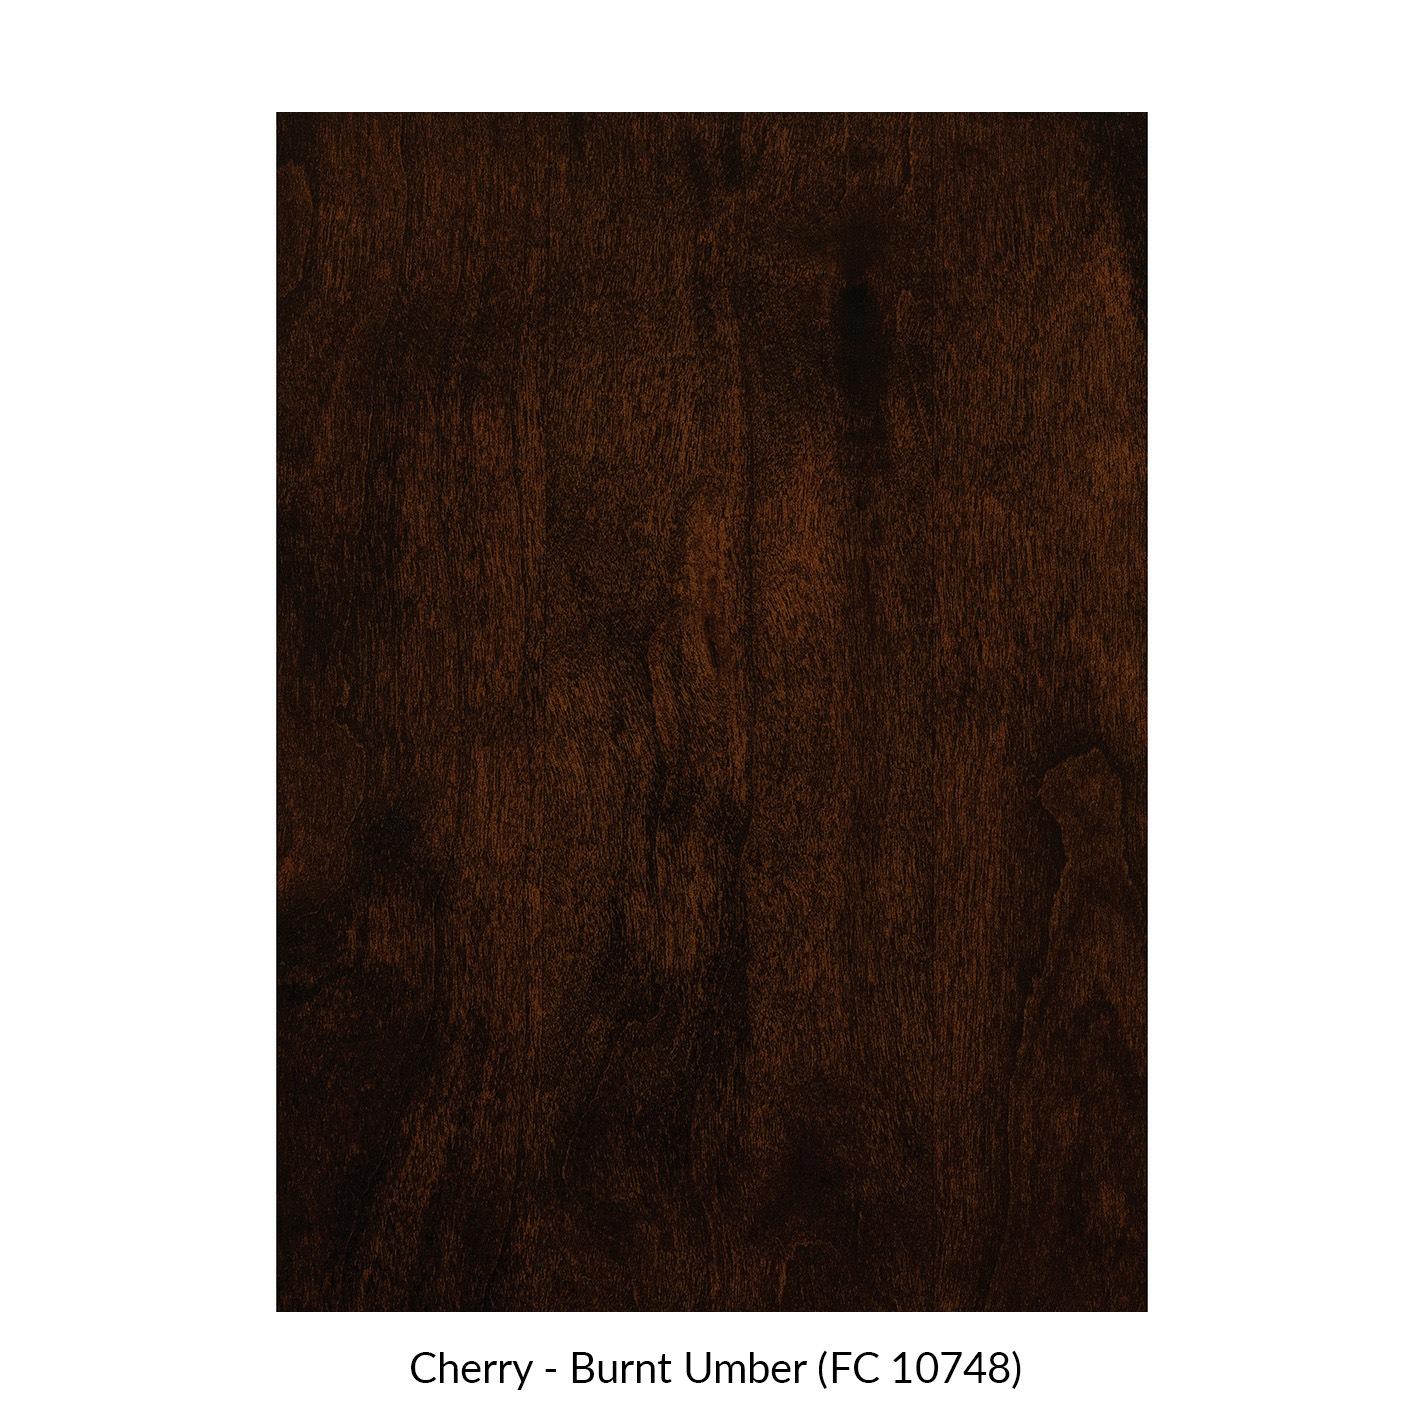 spectrum-cherry-burnt-umber-fc-10748.jpg